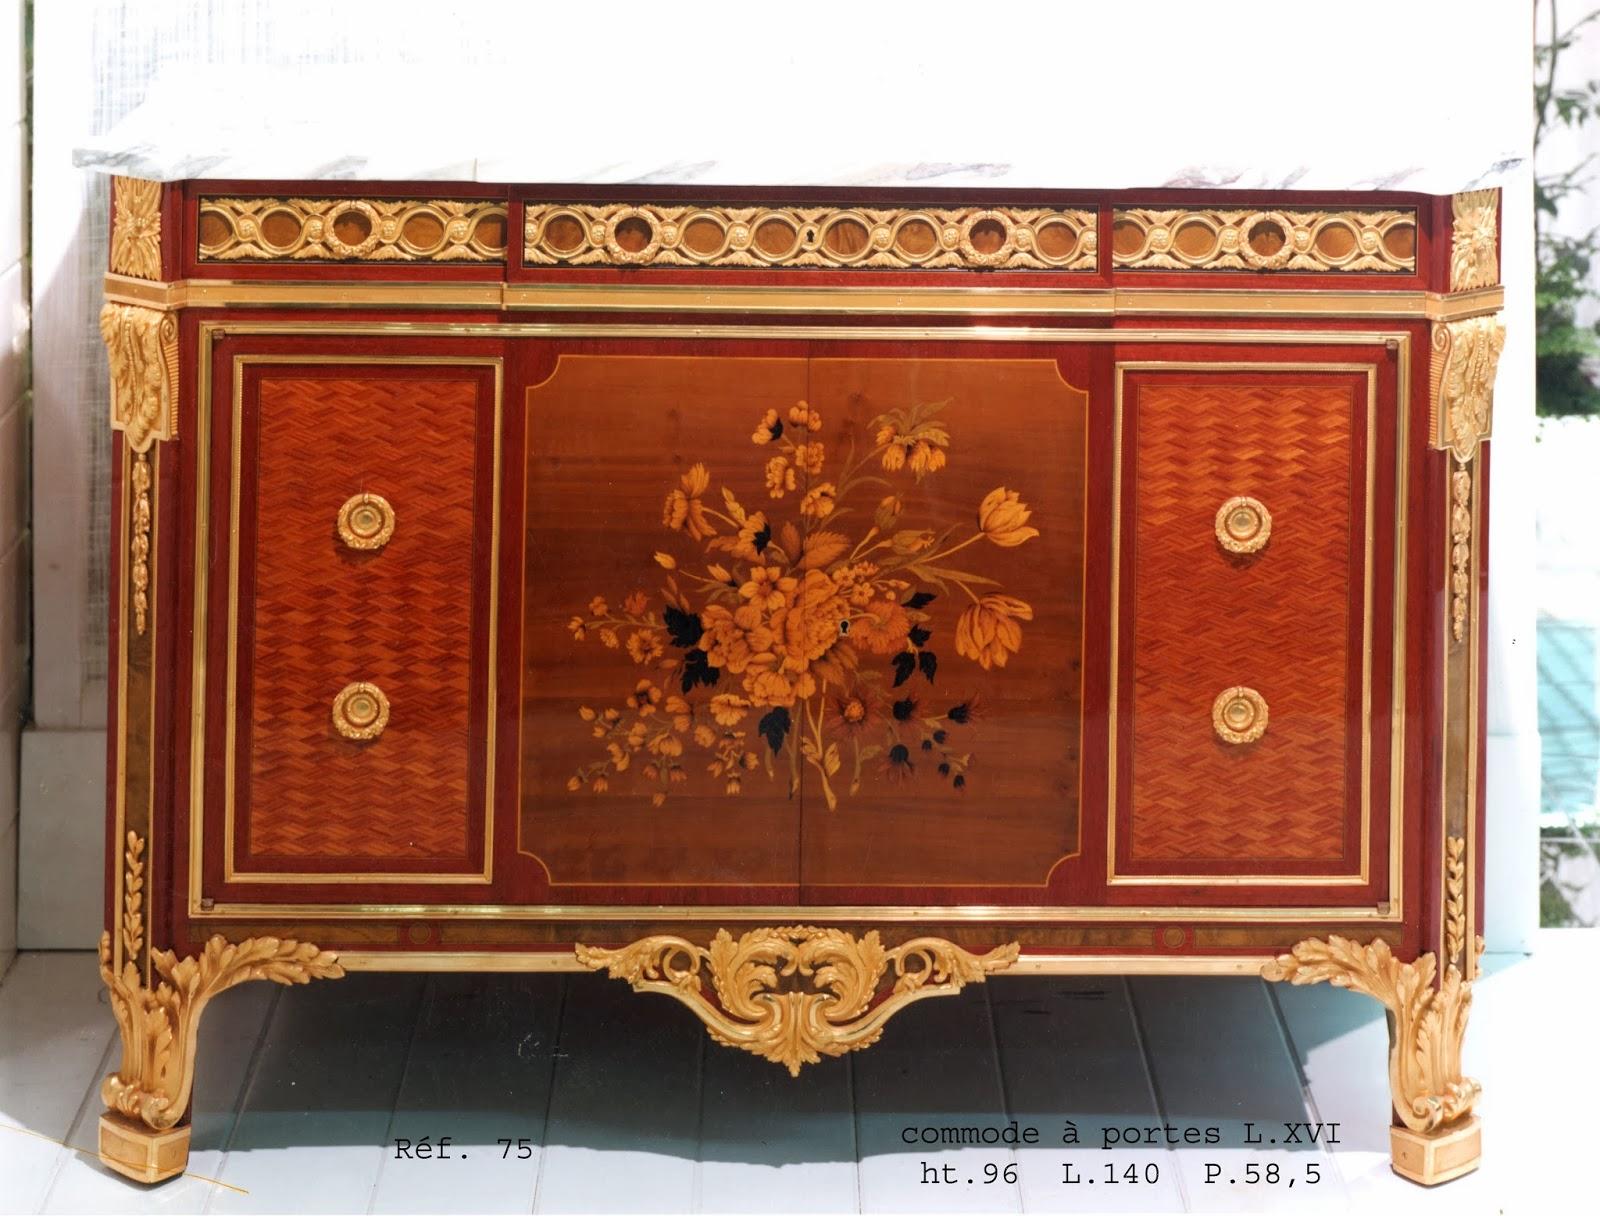 ebenisterie d 39 art ren daid meubles de style louis xvi. Black Bedroom Furniture Sets. Home Design Ideas